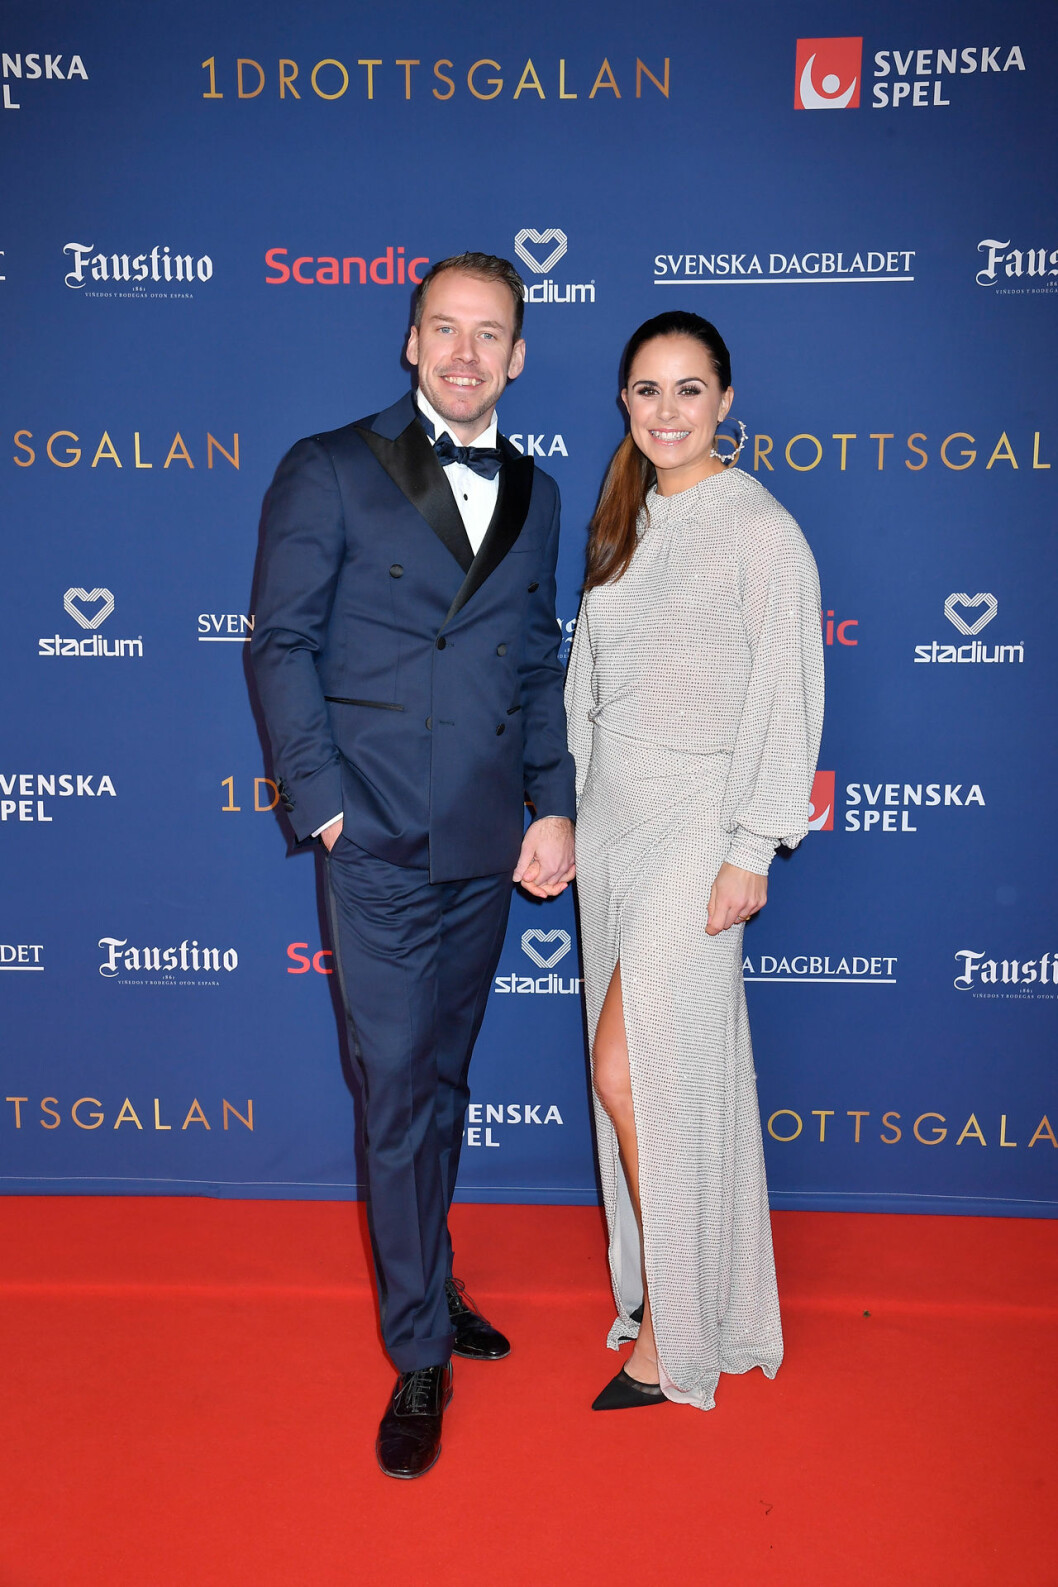 Emil Jönsson och Anna Jönsson Haag på röda mattan på Idrottsgalan 2020